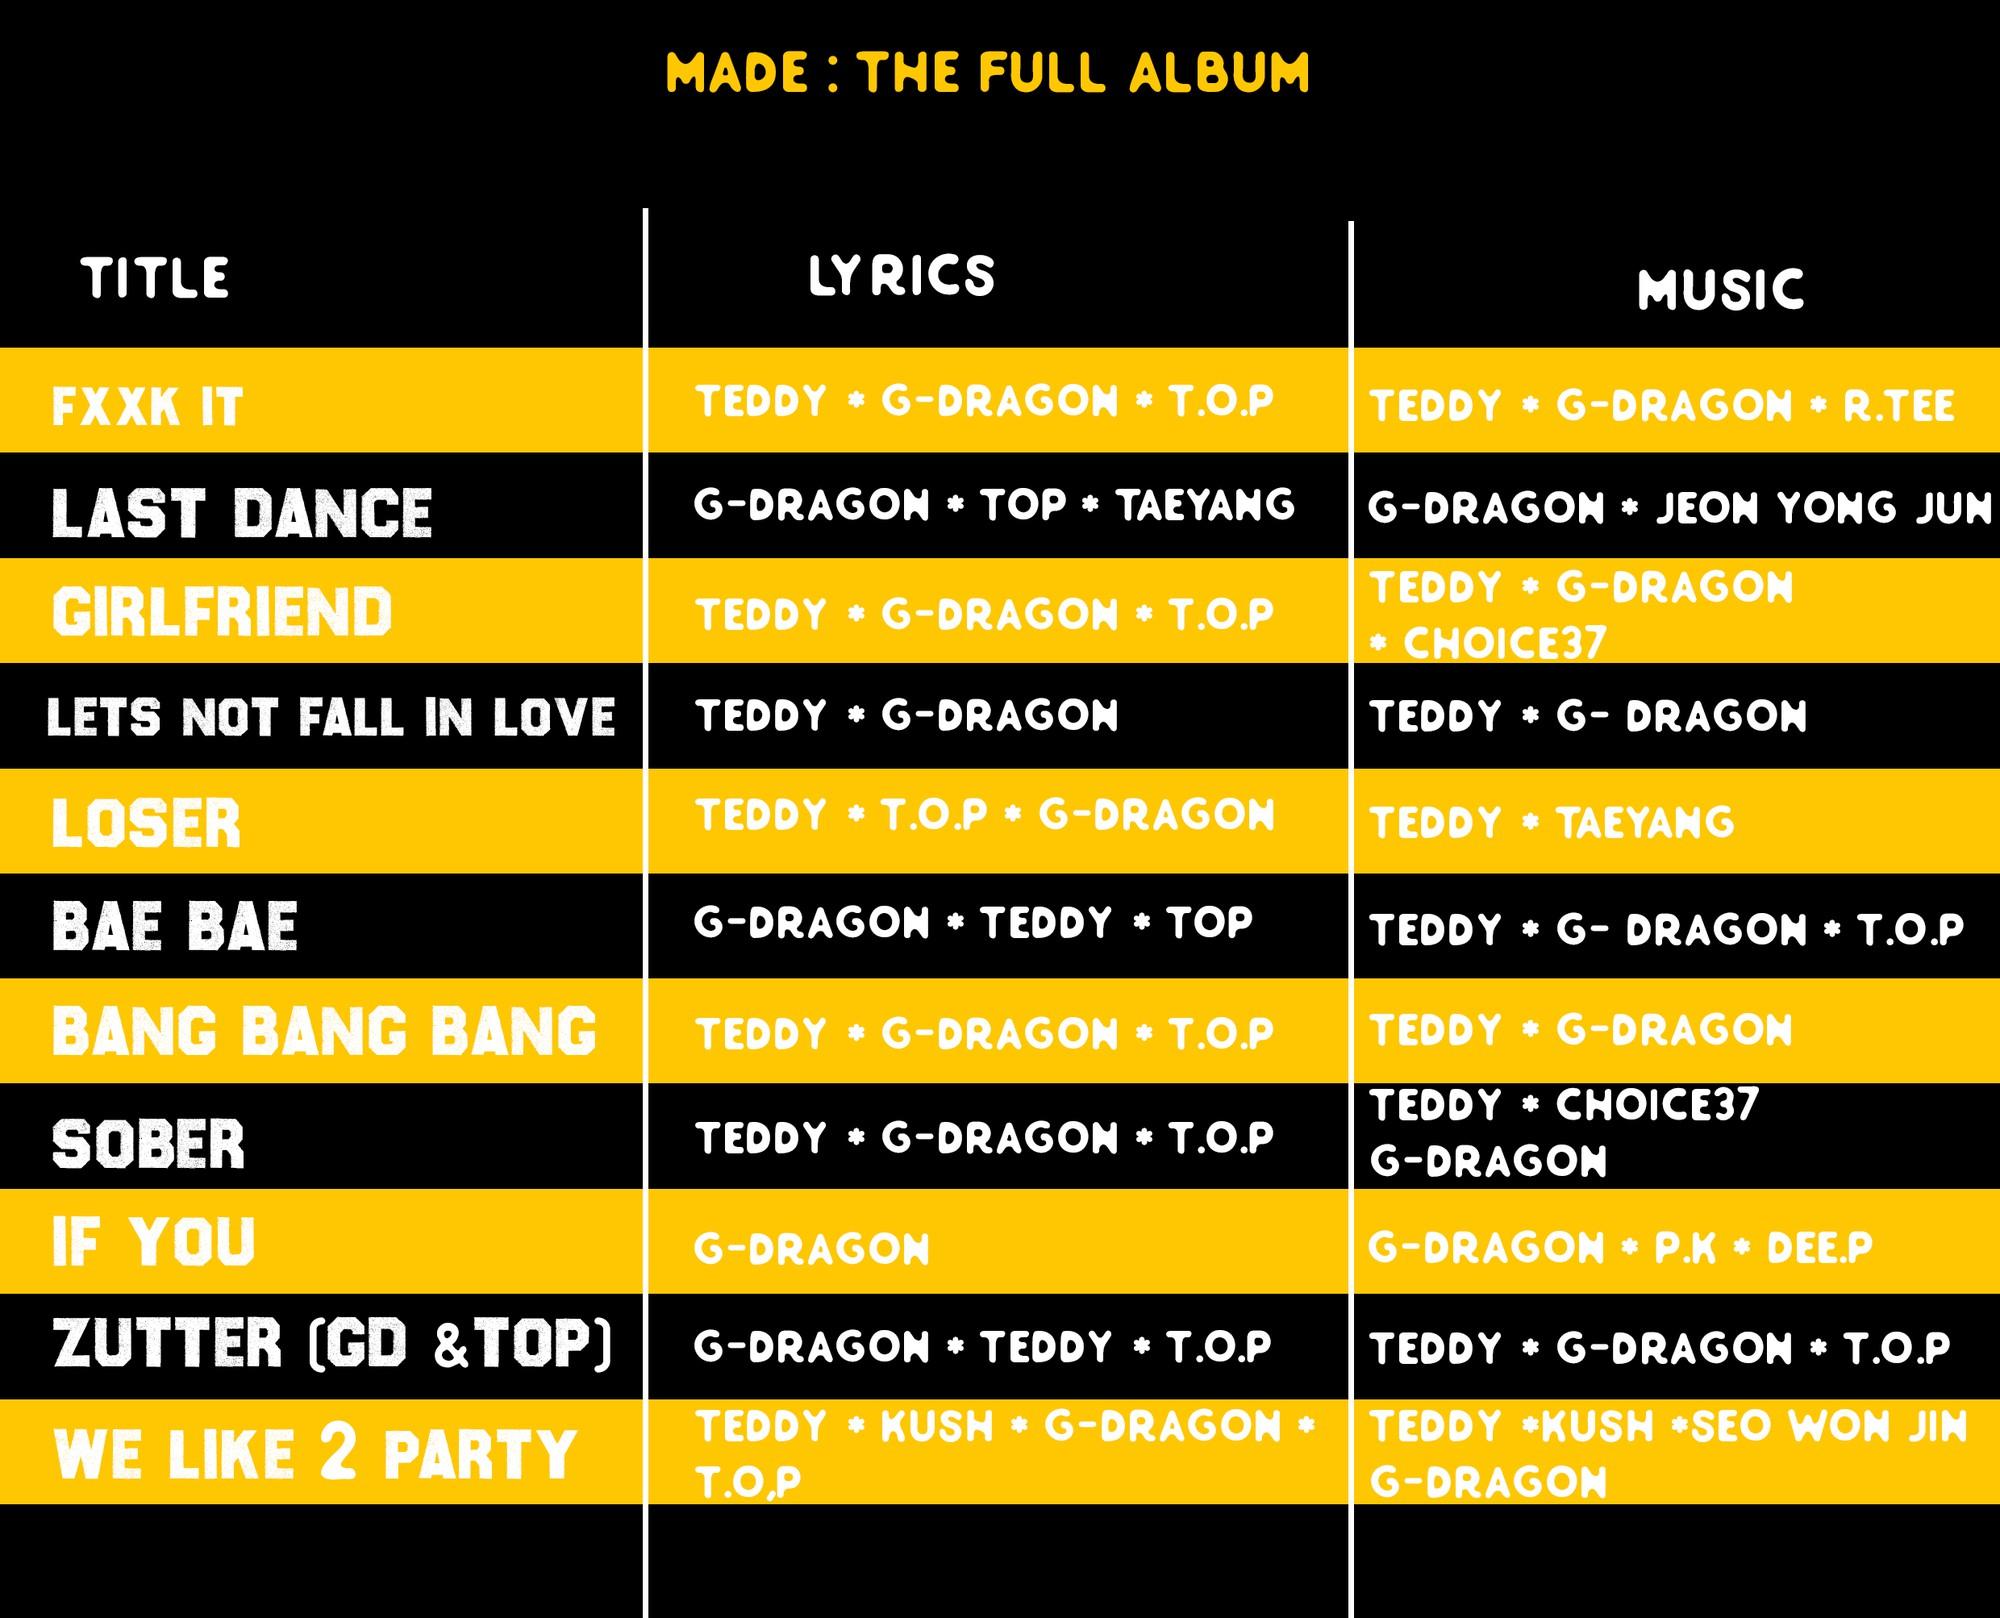 G-Dragon - Kẻ tiên phong thừa sức đối trọng với các nhóm nhạc tầm cỡ của Kpop - Ảnh 6.